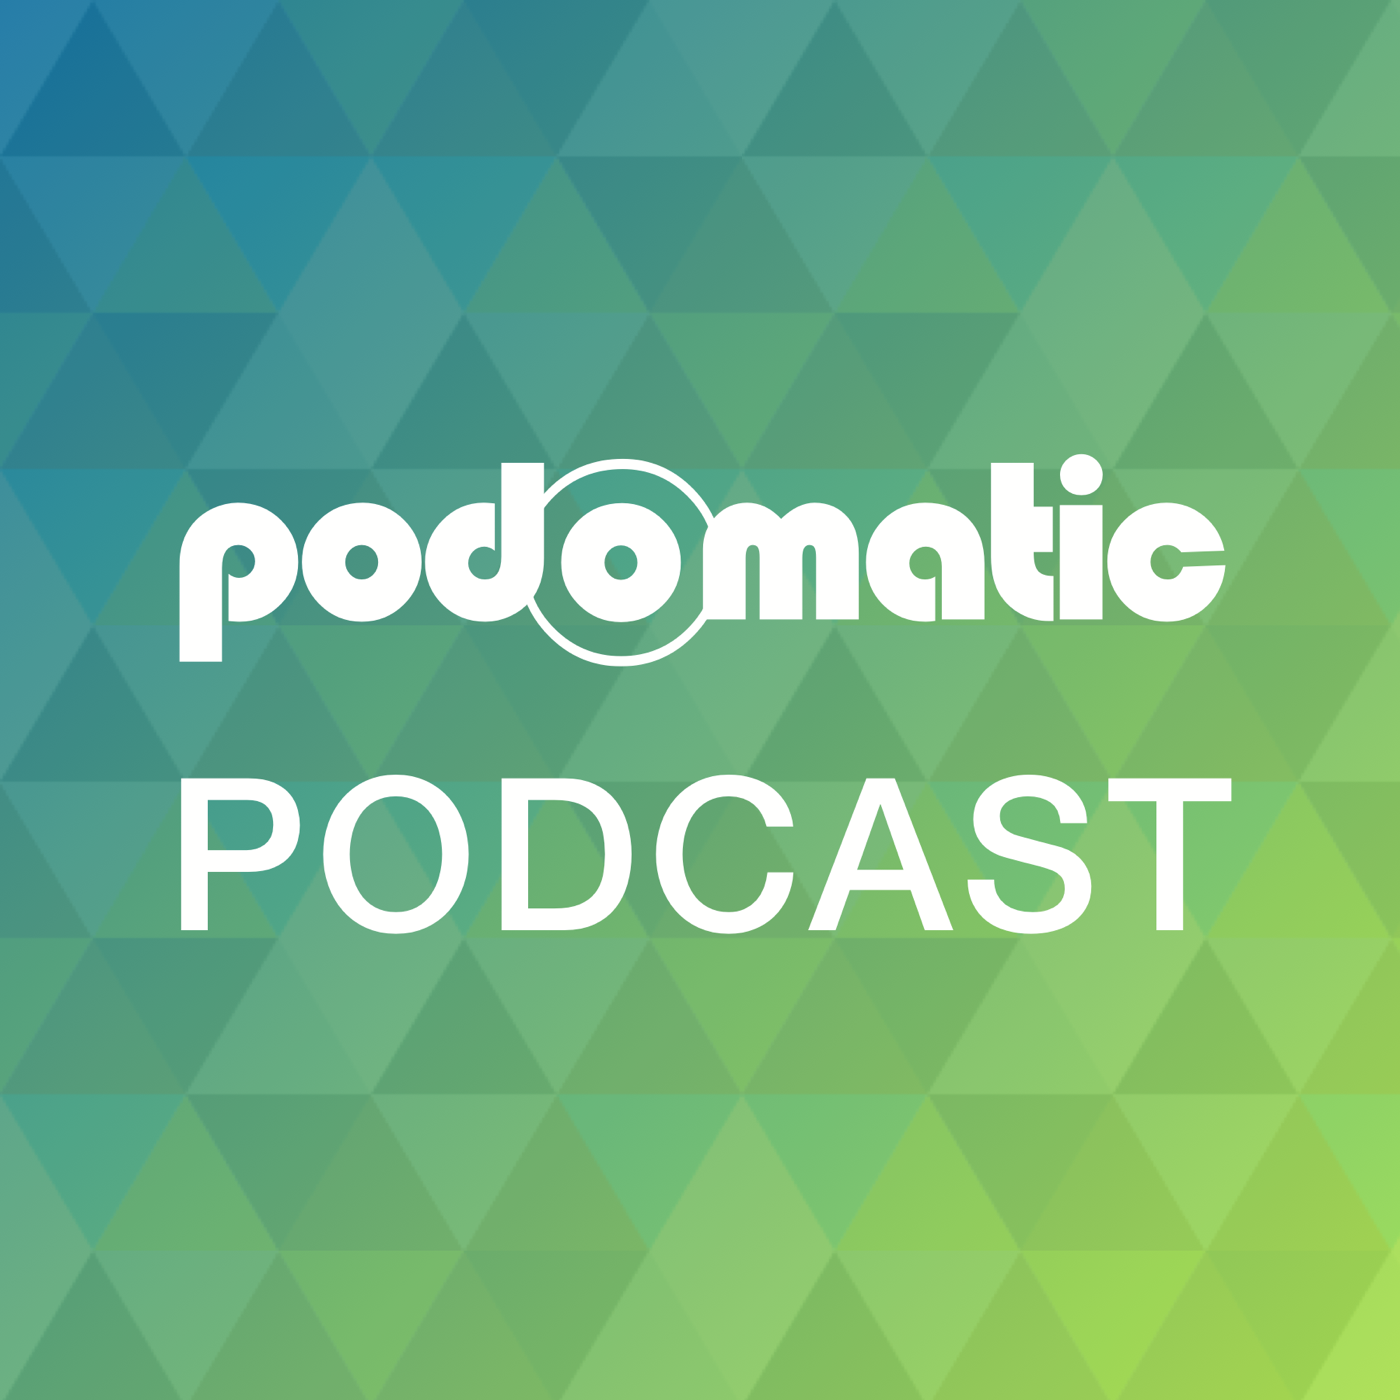 Johnolim's Podcast